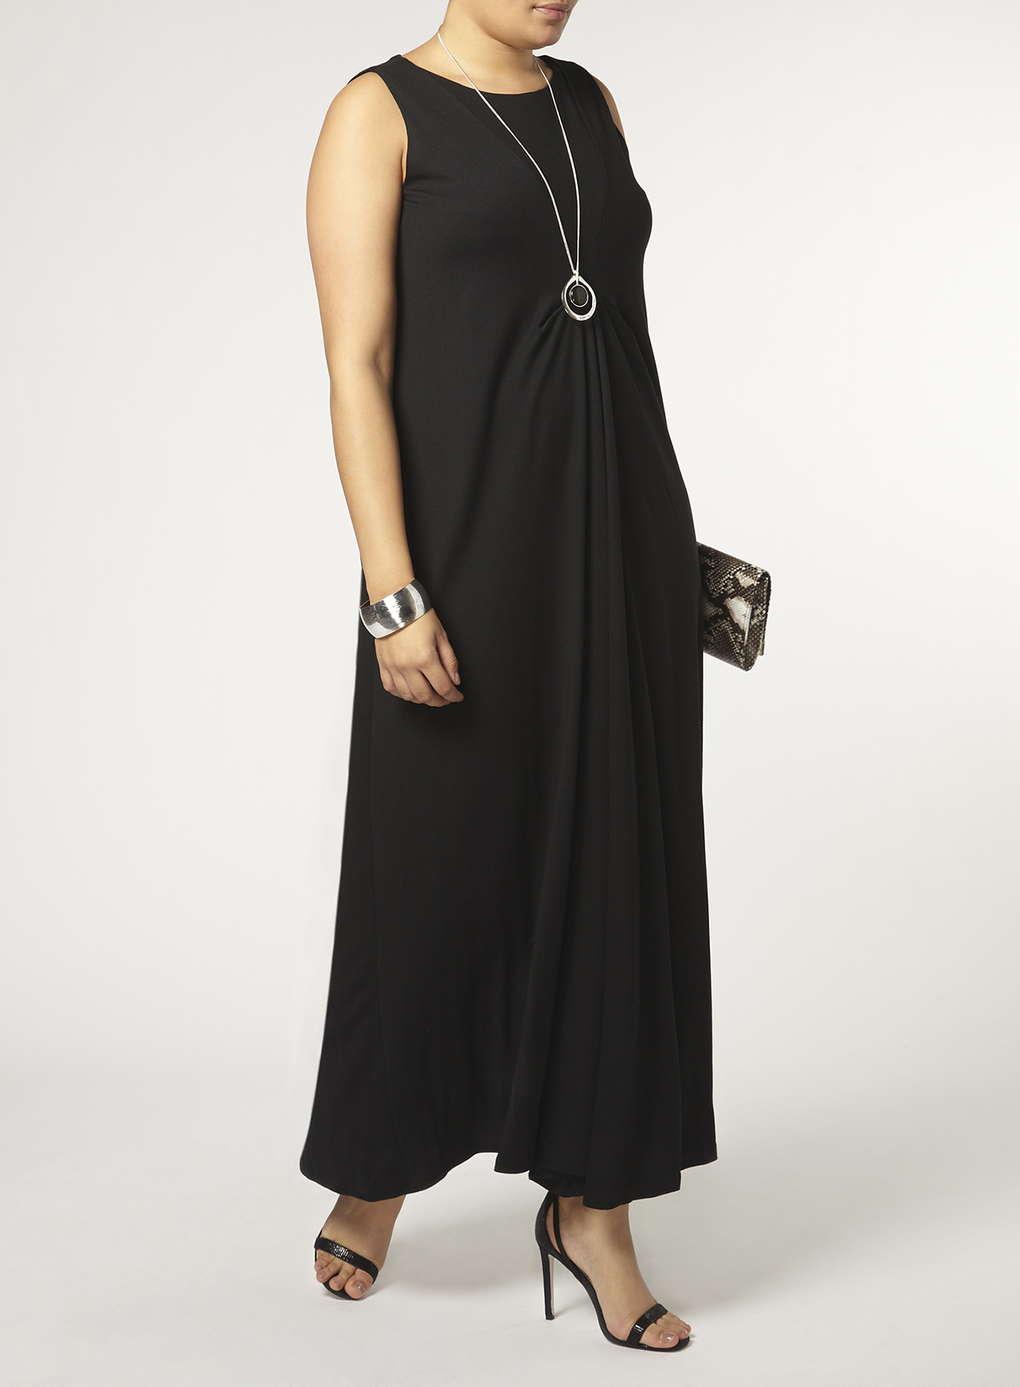 Büyük Beden Uzun Abiye Elbise Modelleri - Gece Elbiseleri - plus size dresses (8)